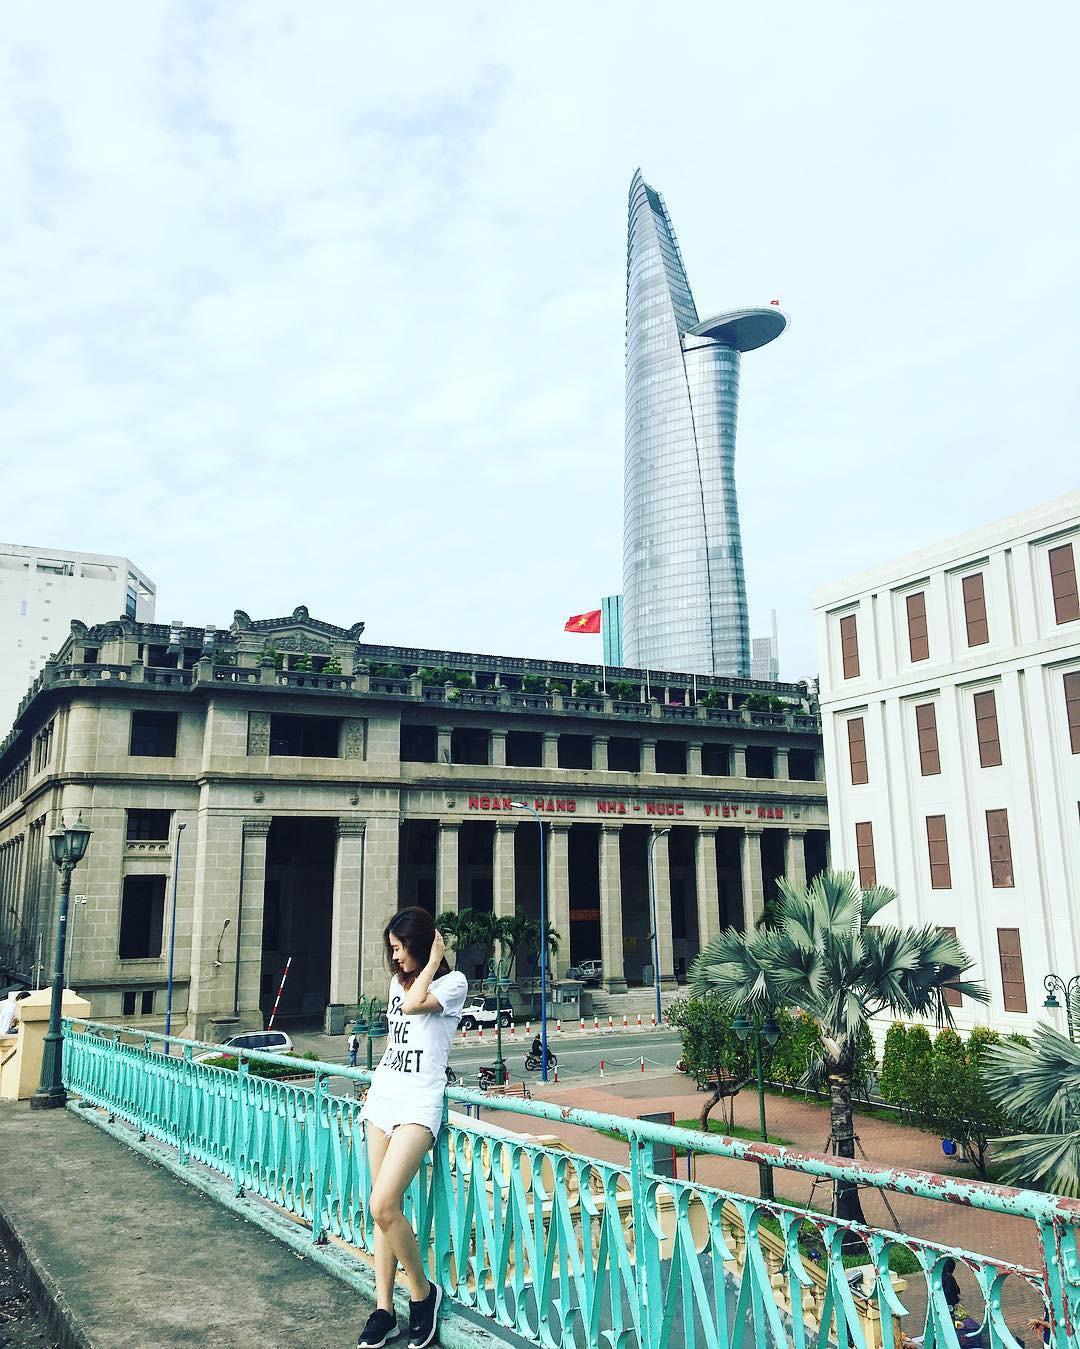 """""""Act cool đứng hình mất 5s"""" trước 8 cây cầu sống ảo đẹp nhất Việt Nam, bạn đã check-in hết chưa? - Ảnh 16."""